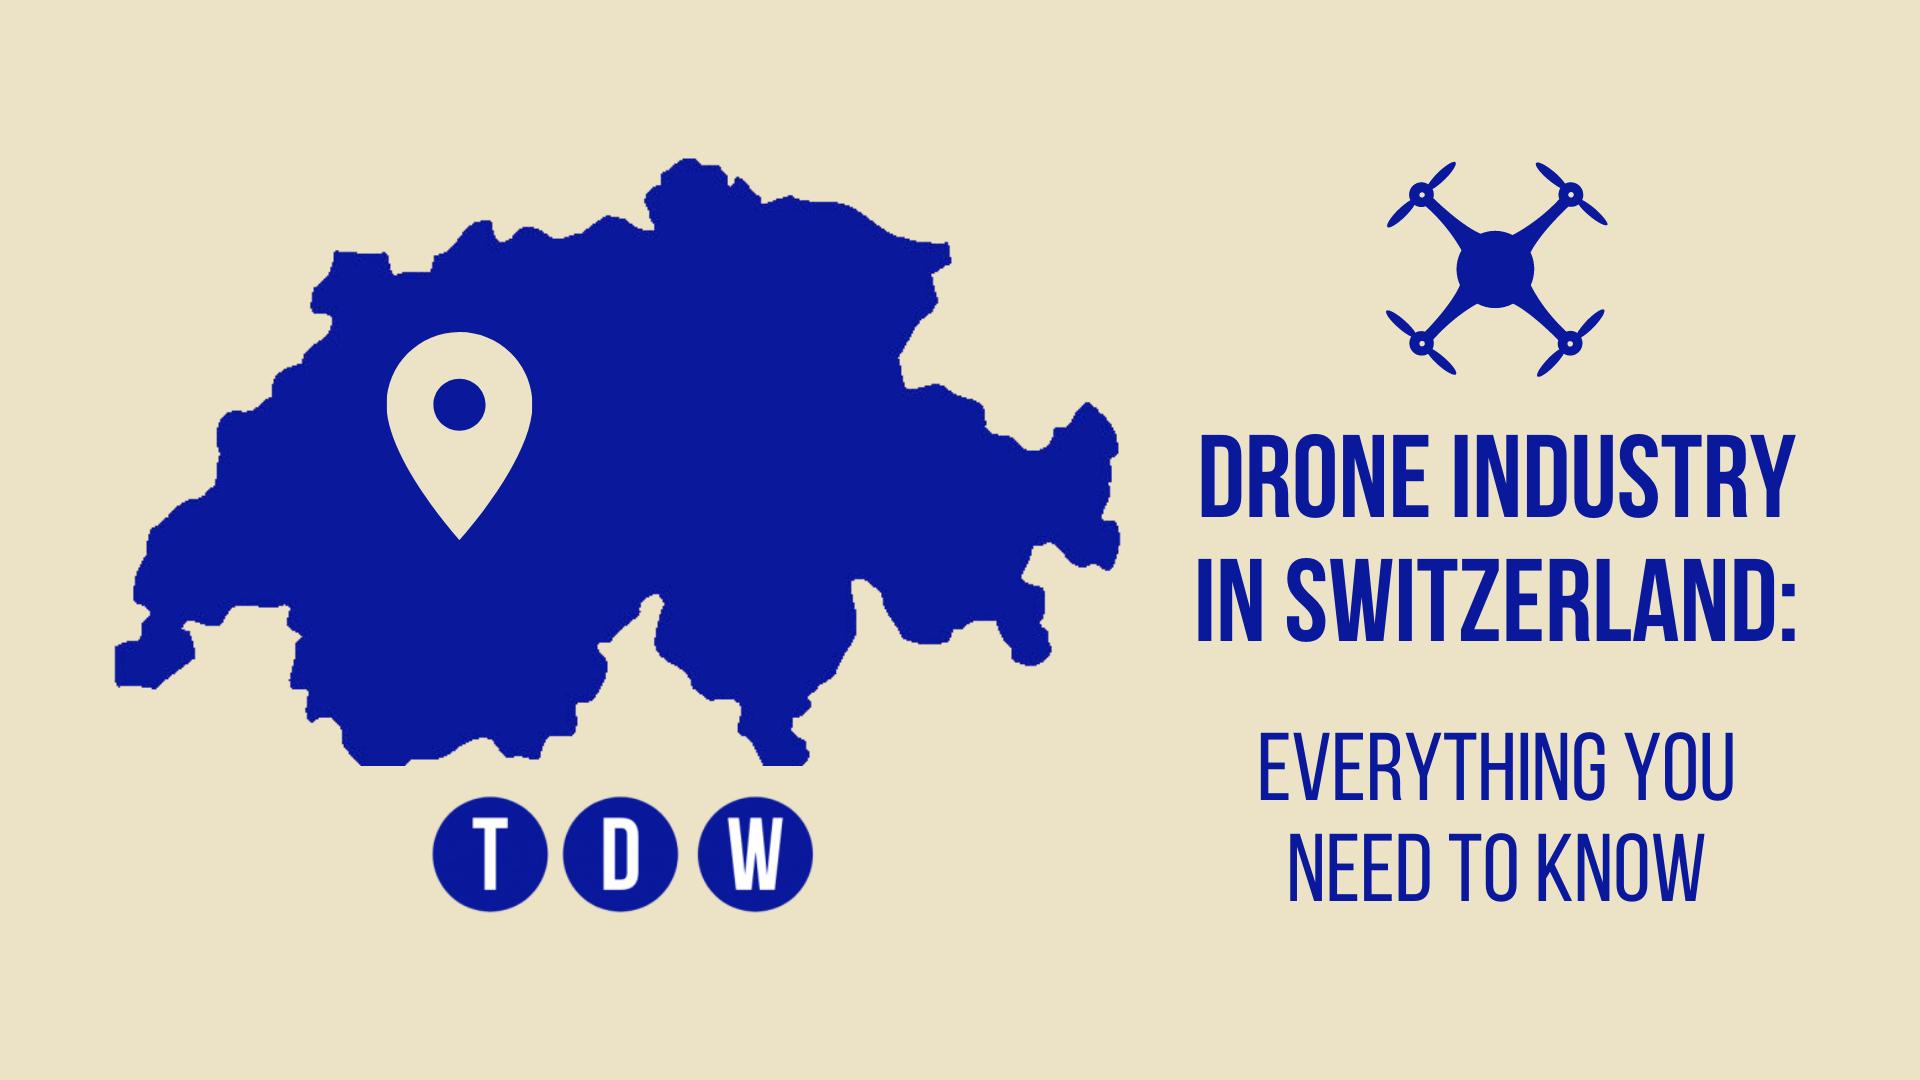 Drone Industry in Switzerland